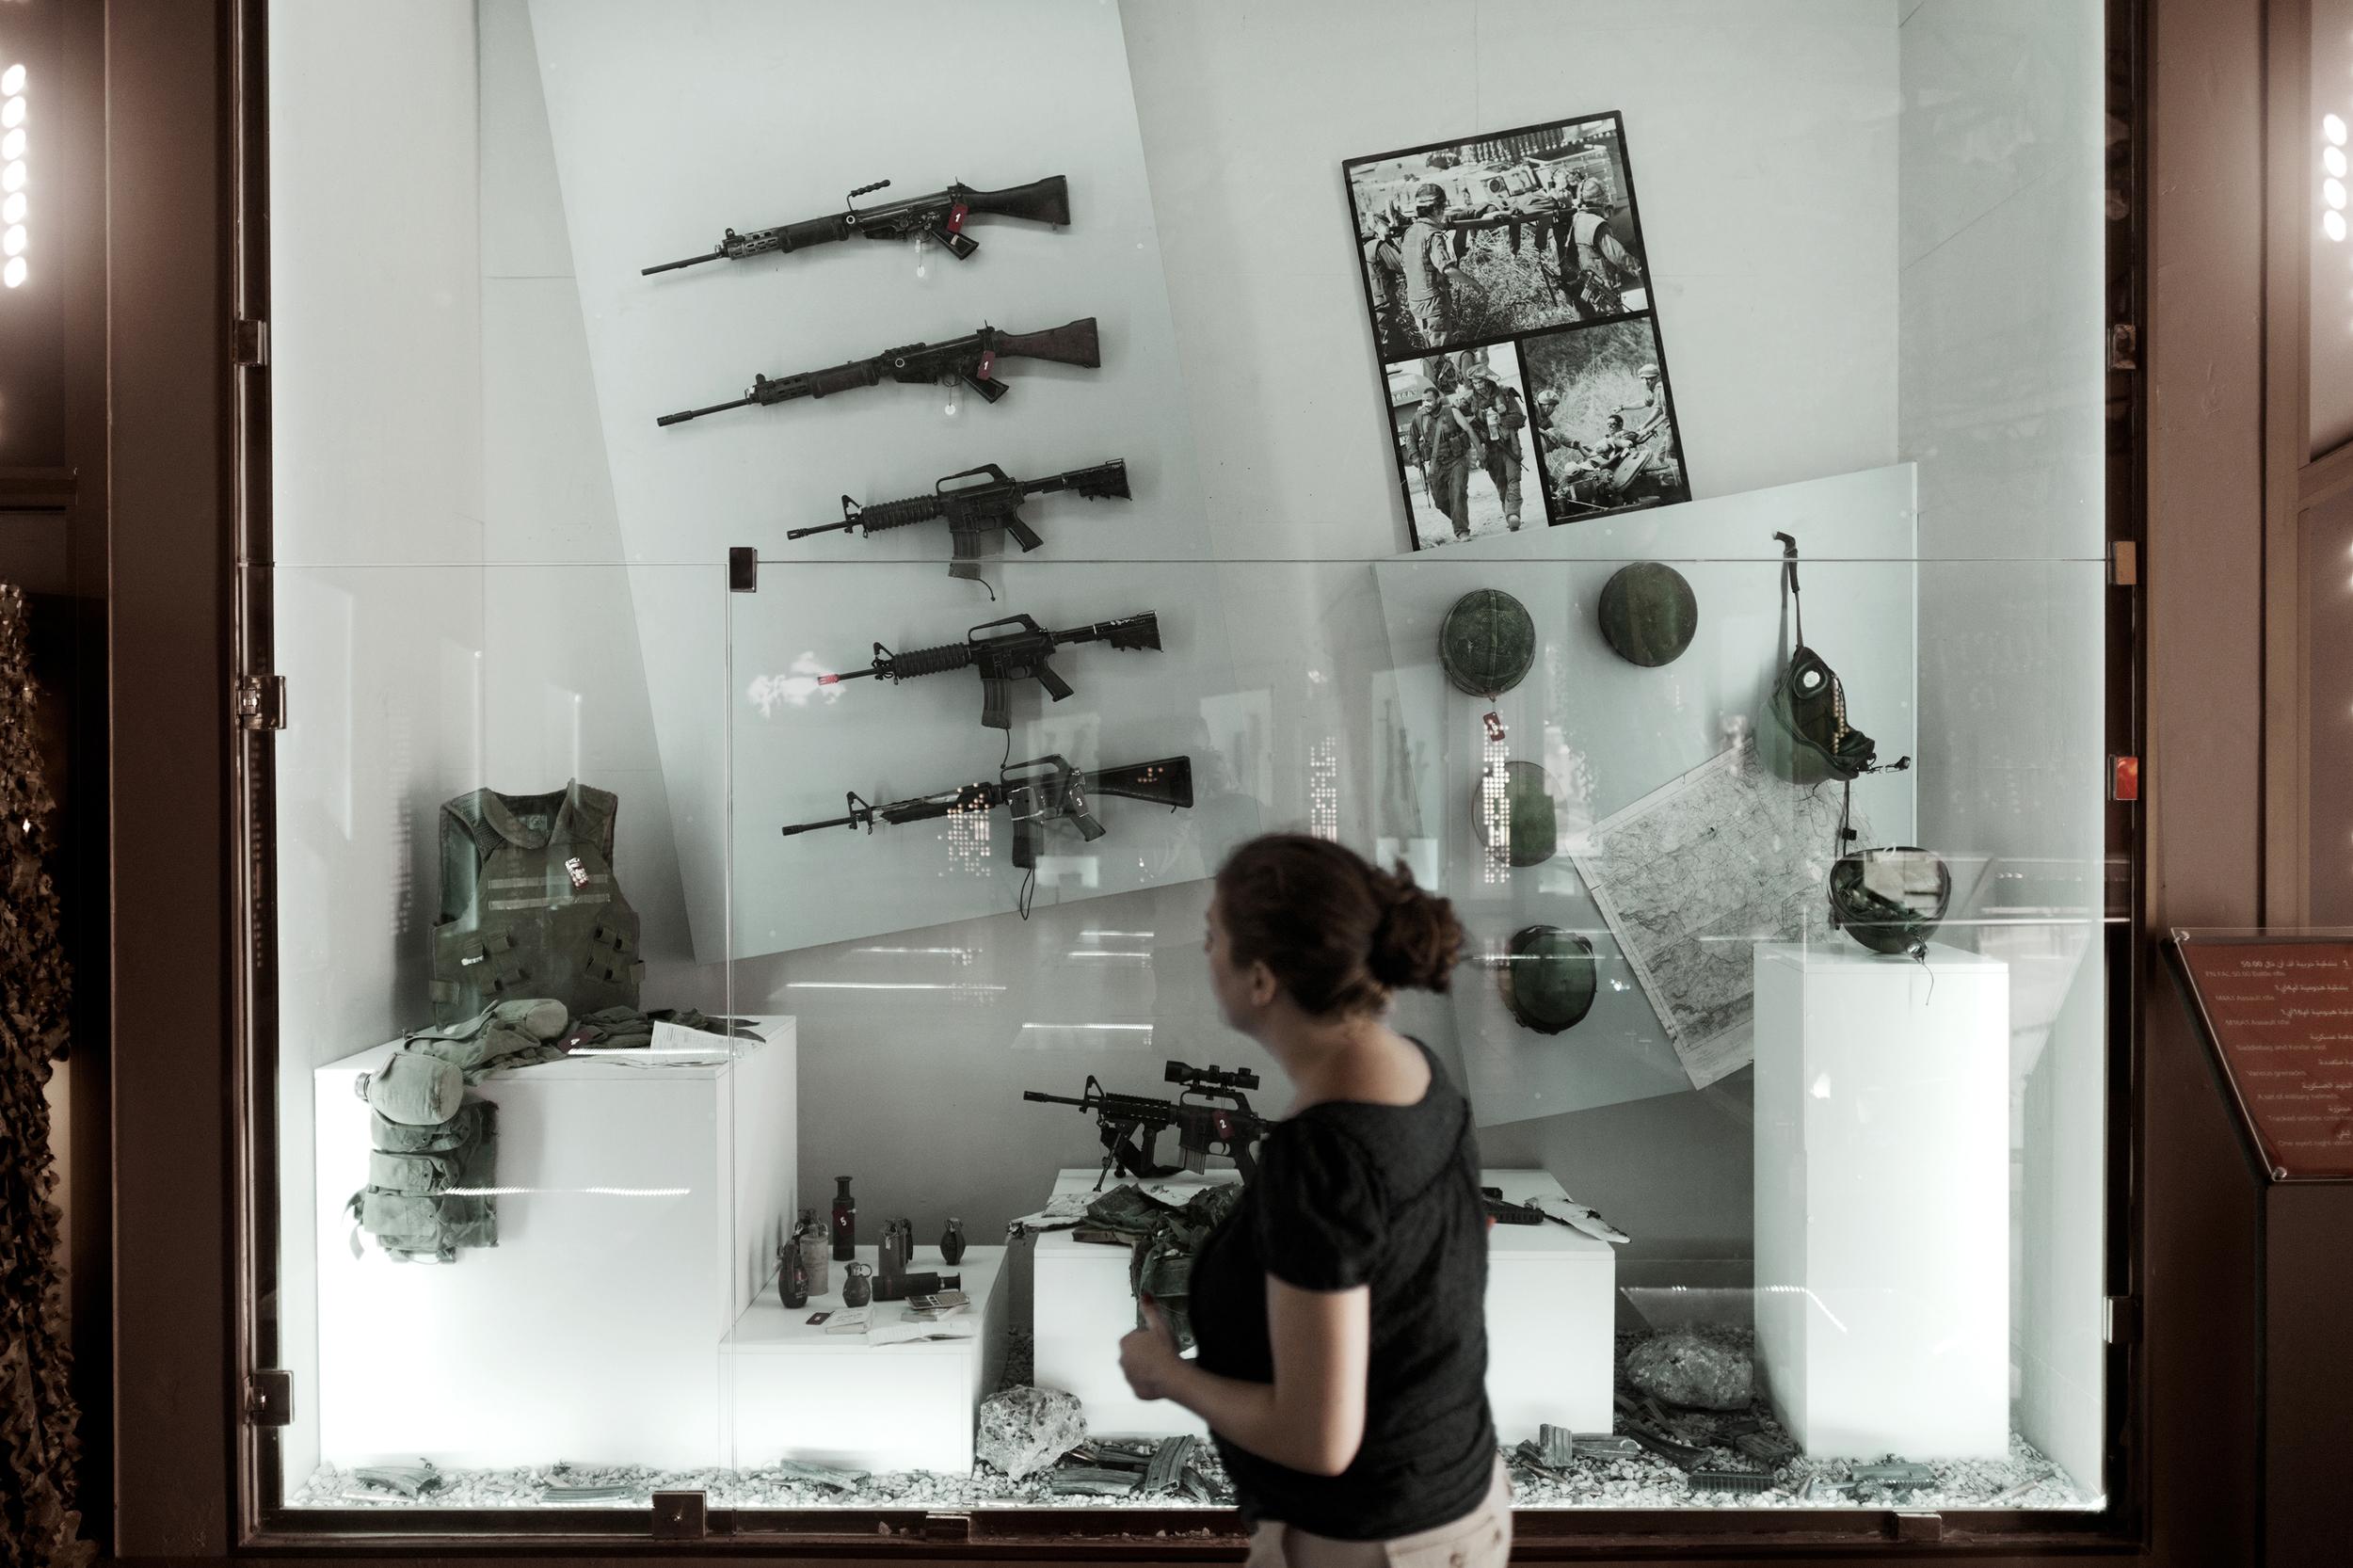 utvalg_hizbollah_park_08.jpg